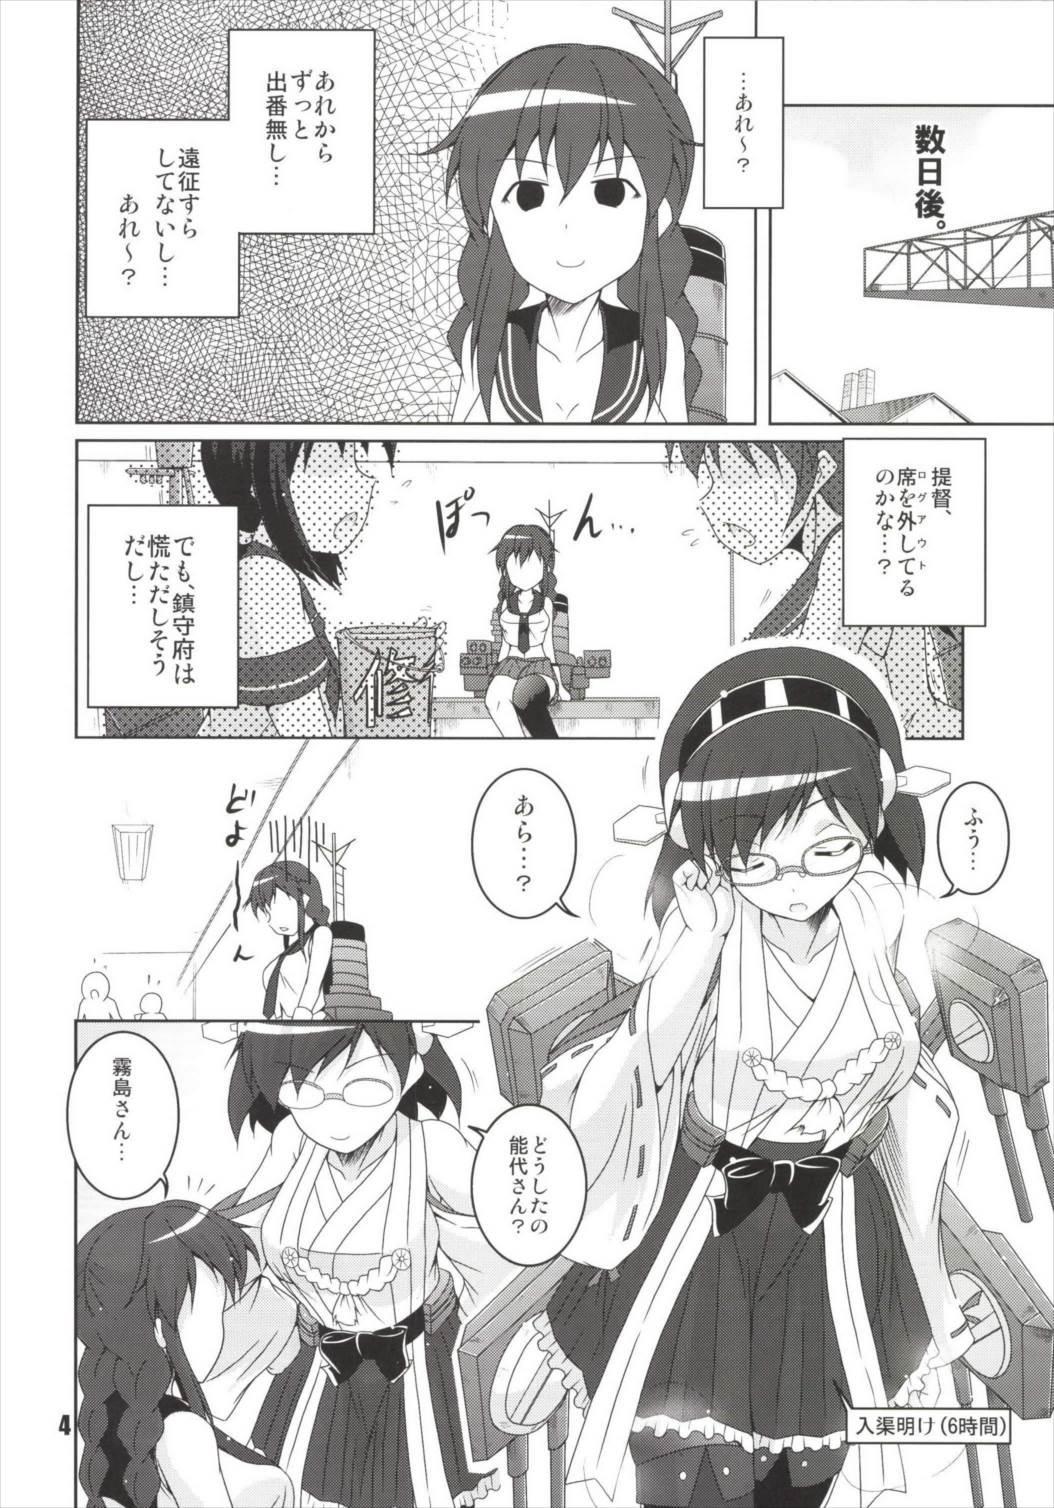 Noshiro no Deban wa Mada desu ka? 3